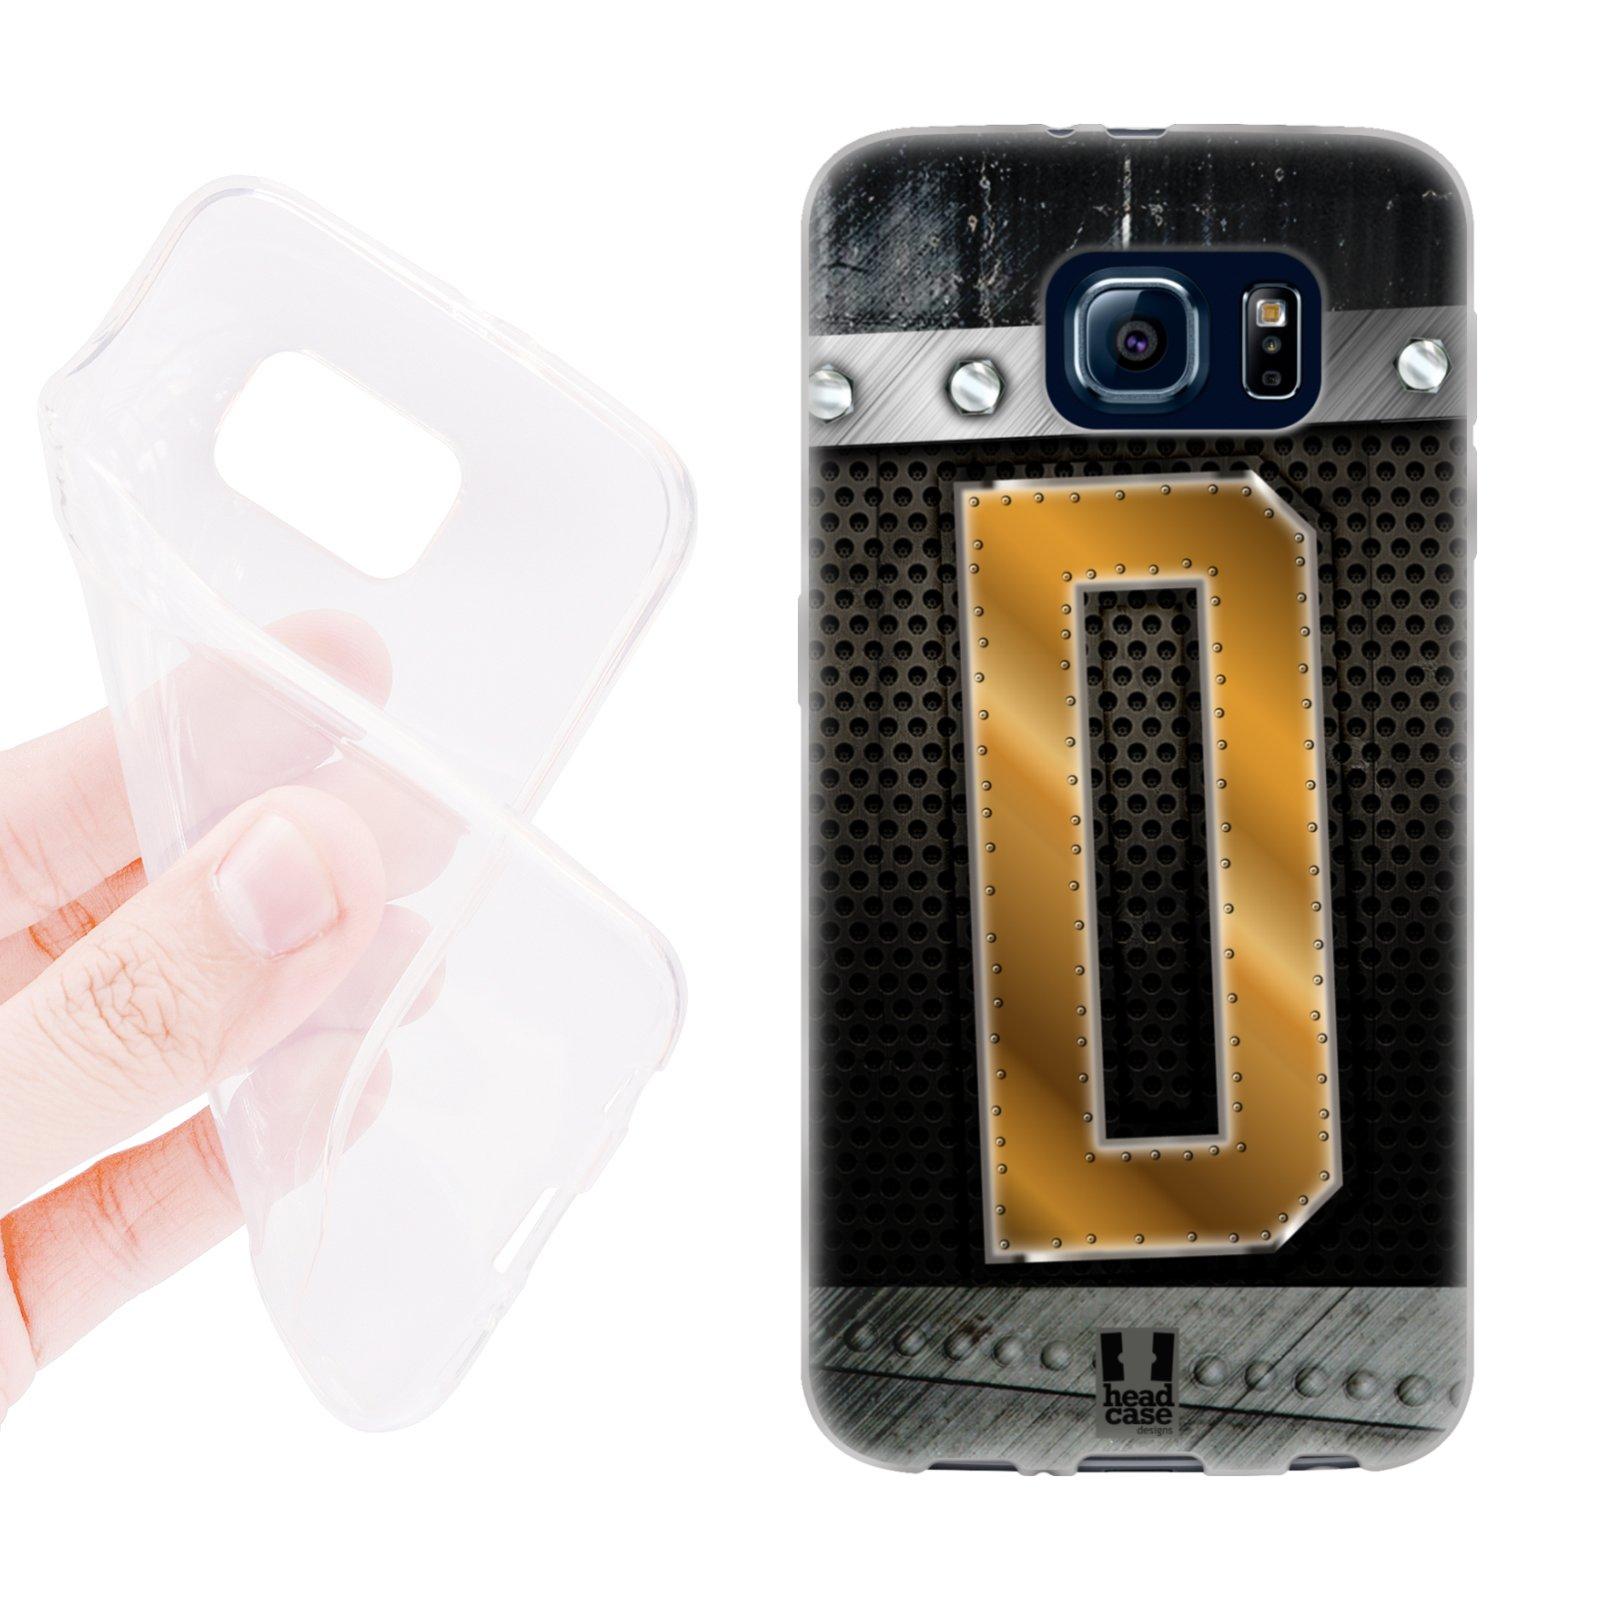 HEAD CASE silikonový obal na mobil Samsung galaxy S6 zlaté písmeno D